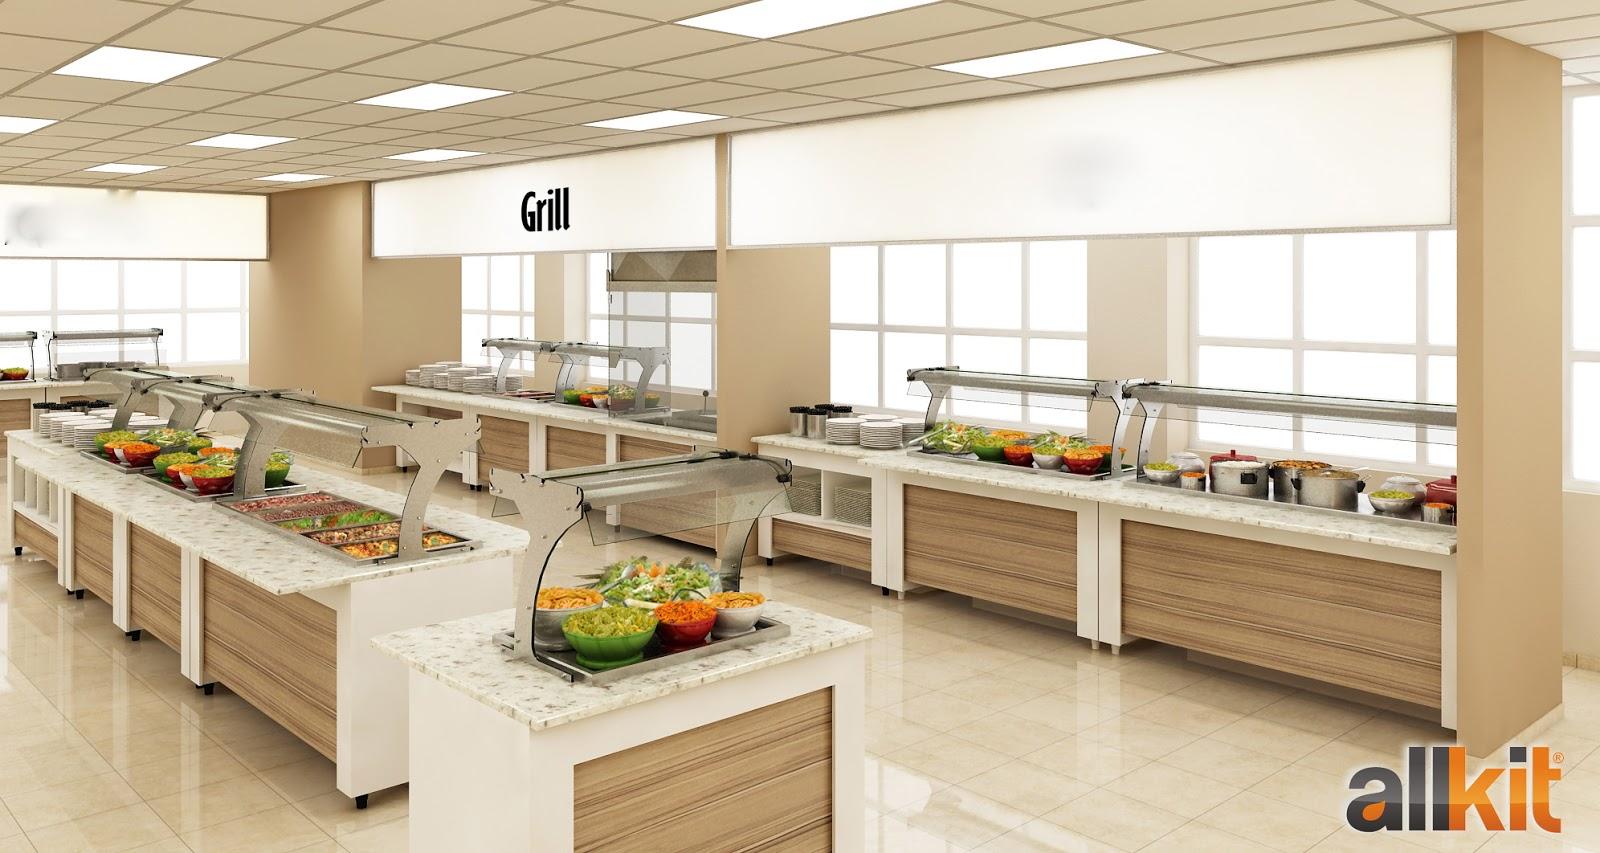 Inova O Em Restaurante De Ind Stria Com Equipamentos Allkit